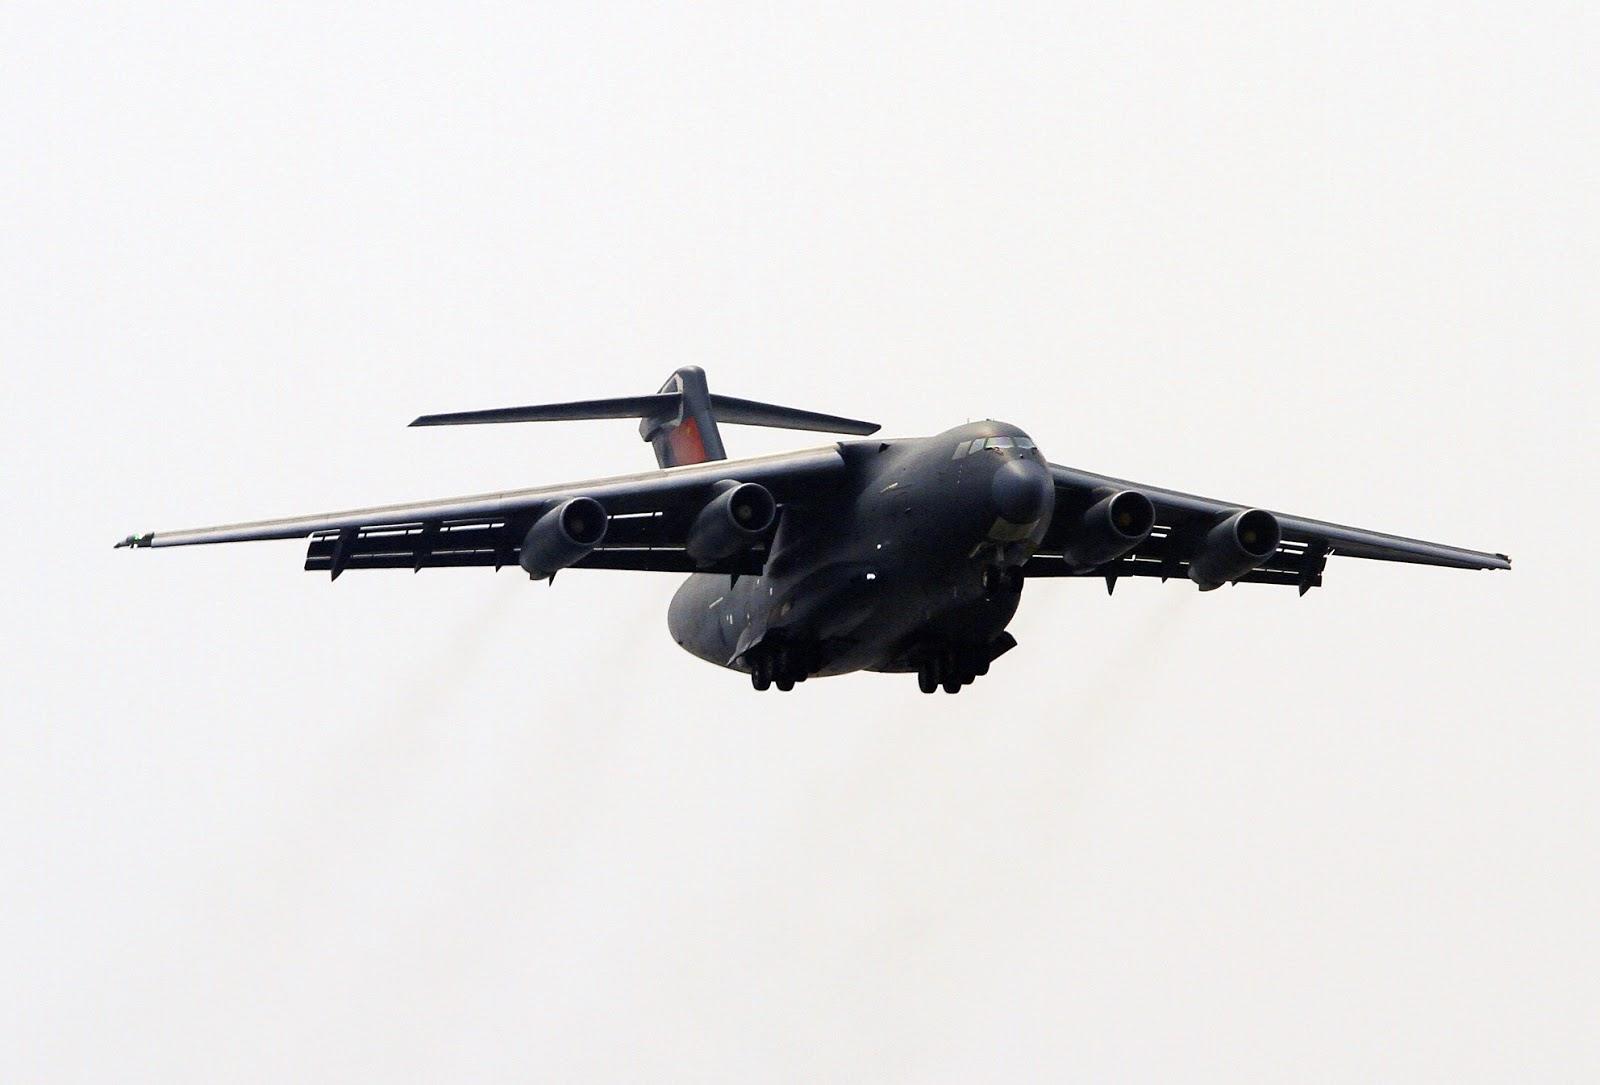 Confirmado: China testa o motor que equipará o cargueiro Y-20